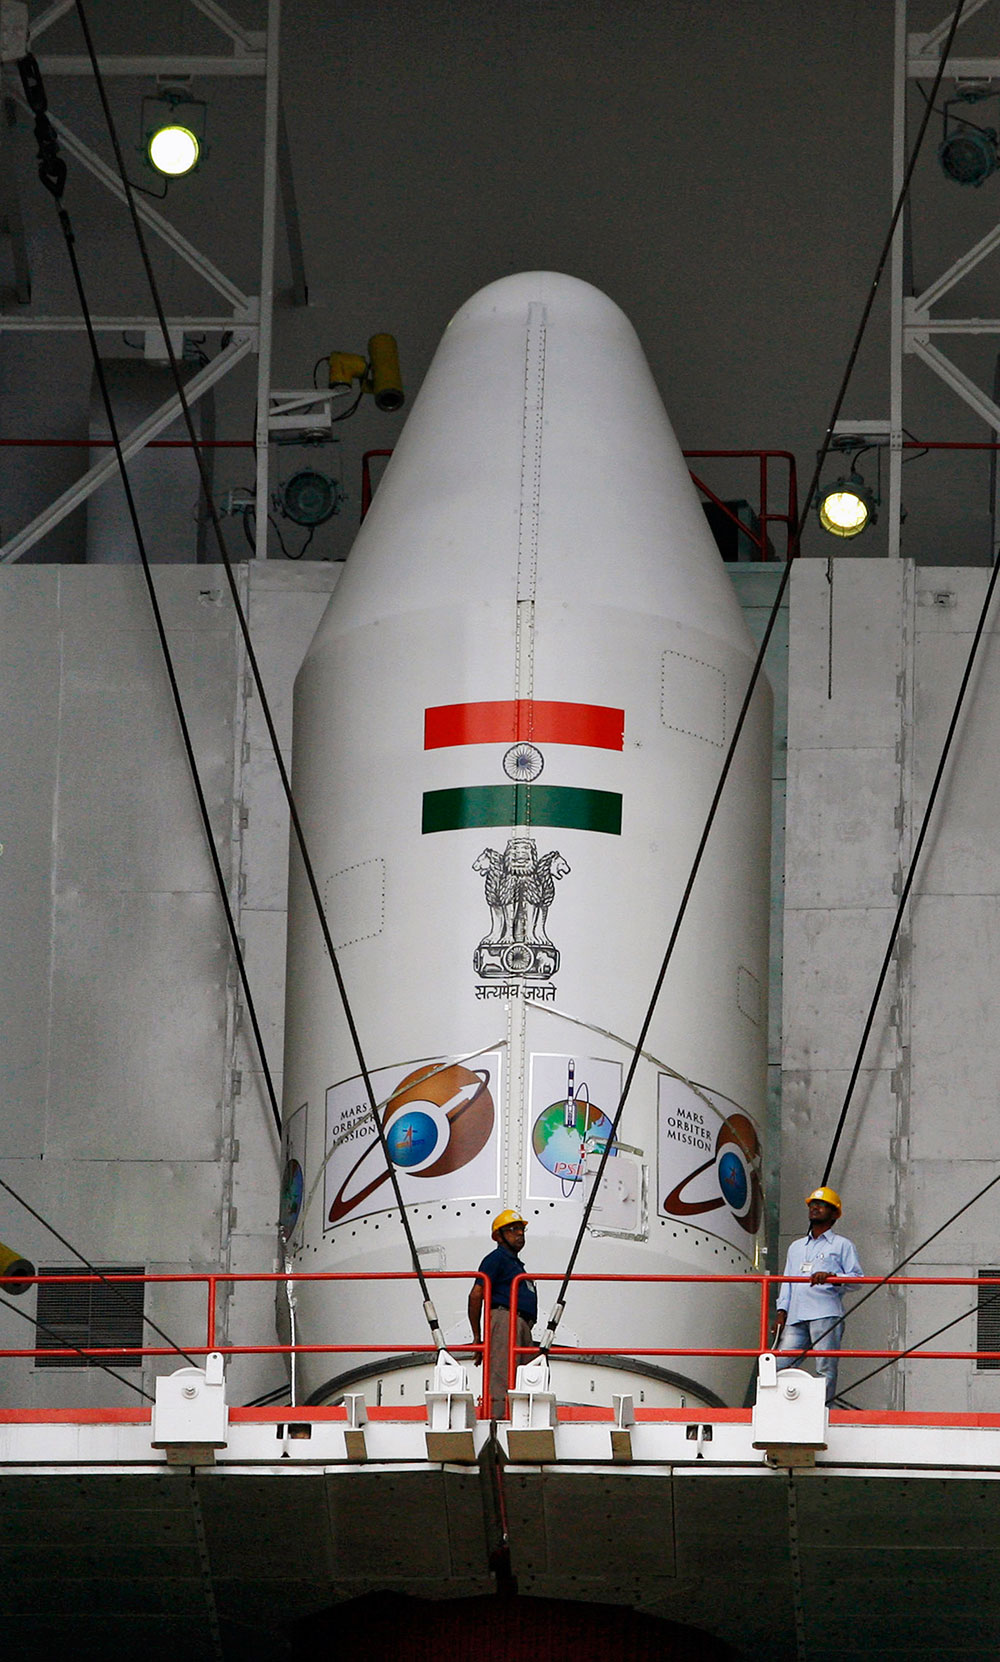 श्रीहरिकोटा के सतीश धवन अंतरिक्ष केंद्र पर पीएसएलवी-सी25 का निरीक्षण करते विशेषज्ञ।